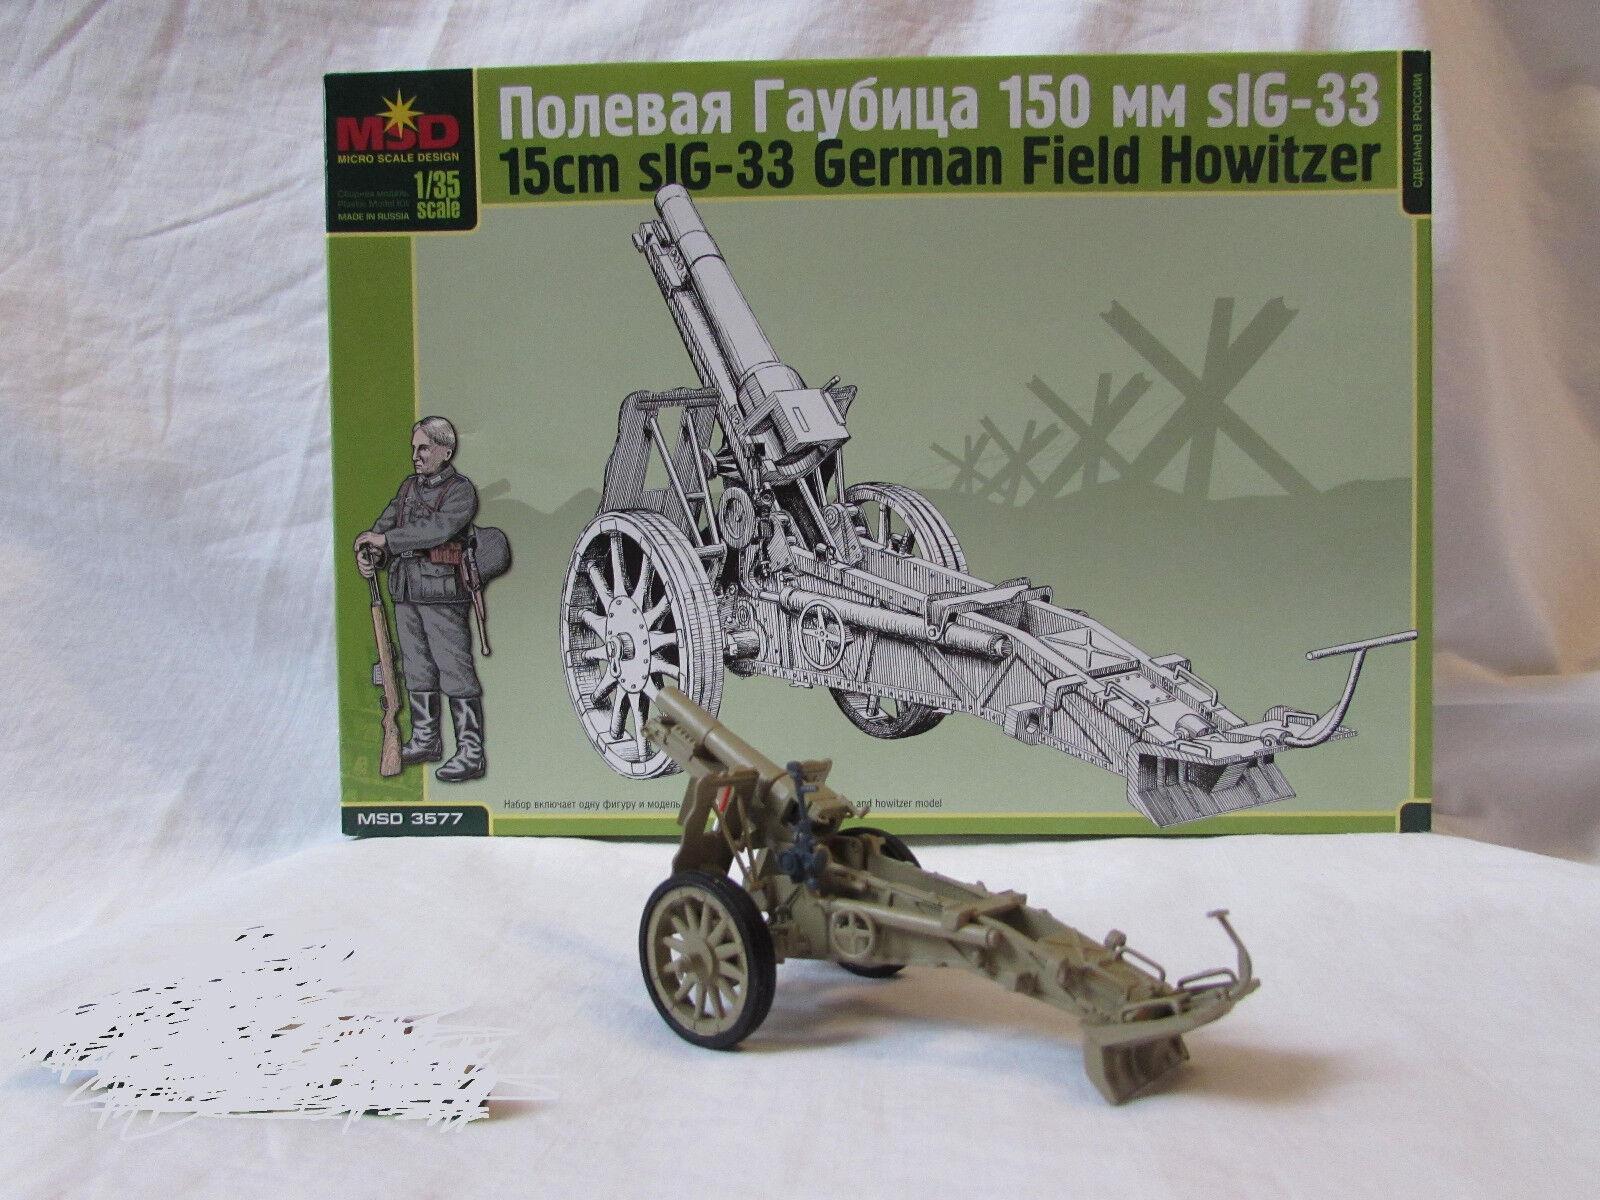 ARK MODELS® 35009 German sIG33 15cm Infantry Gun in 1:35